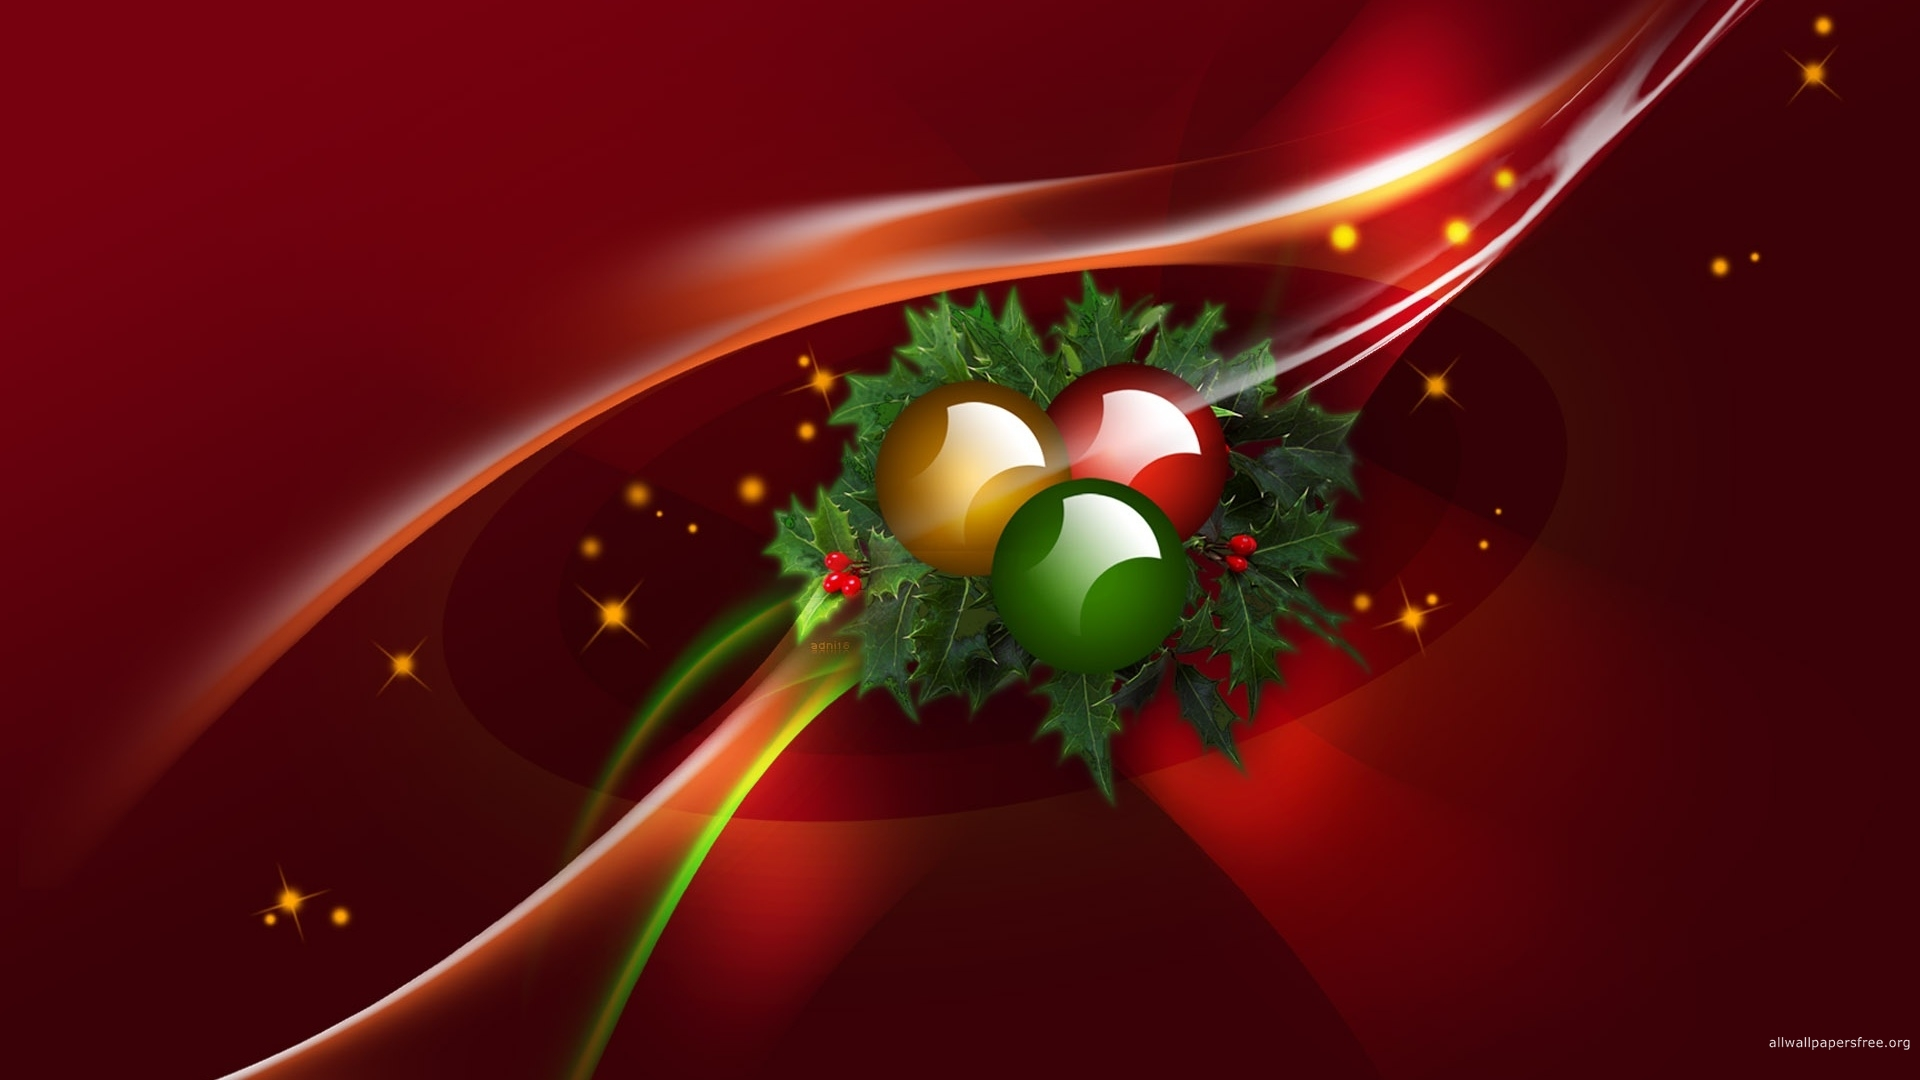 Natale Immagini Hd.Sfondi Alta Risoluzione Natale